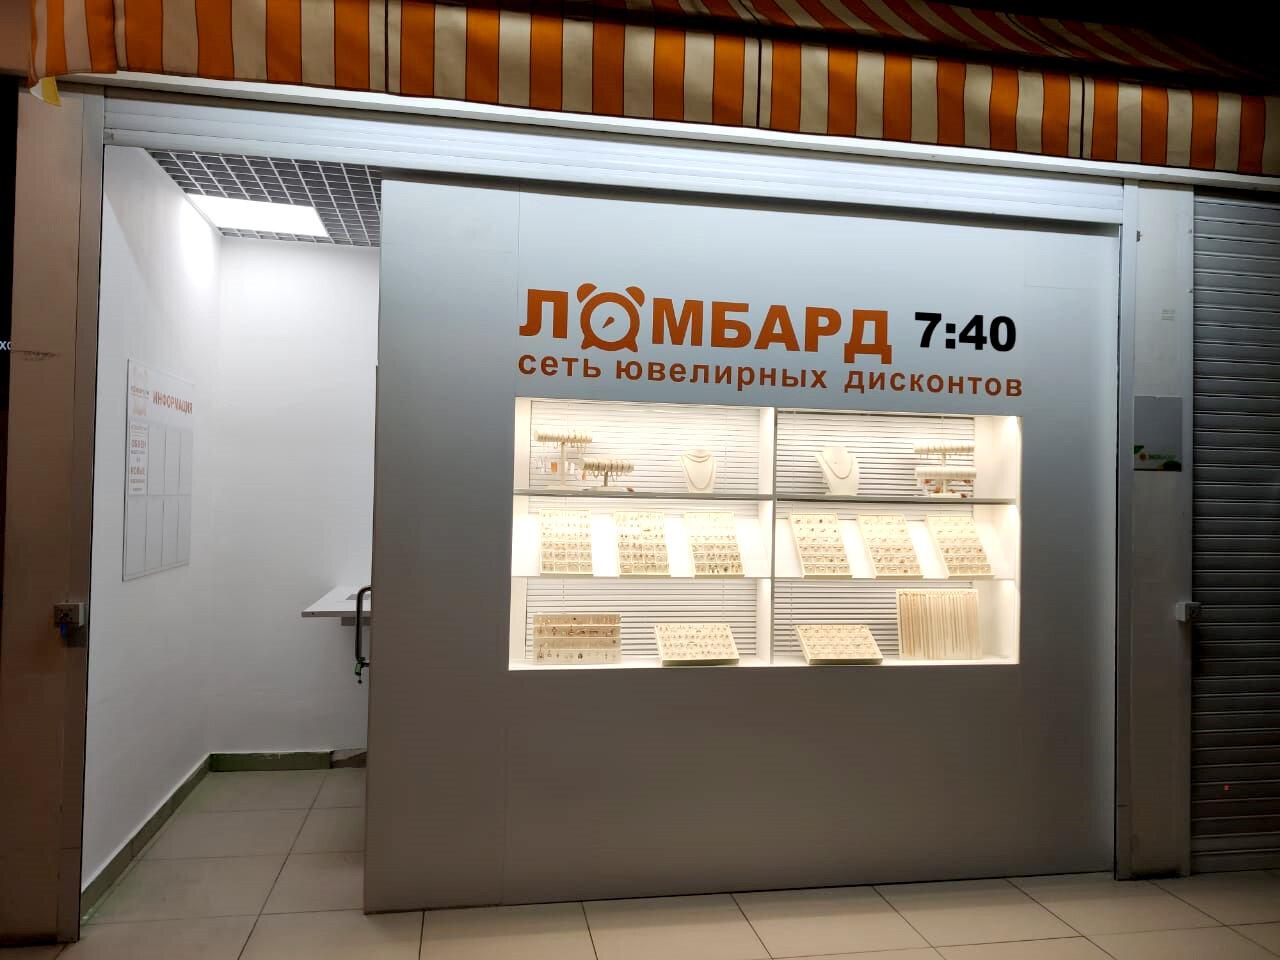 метро ломбард чкаловская